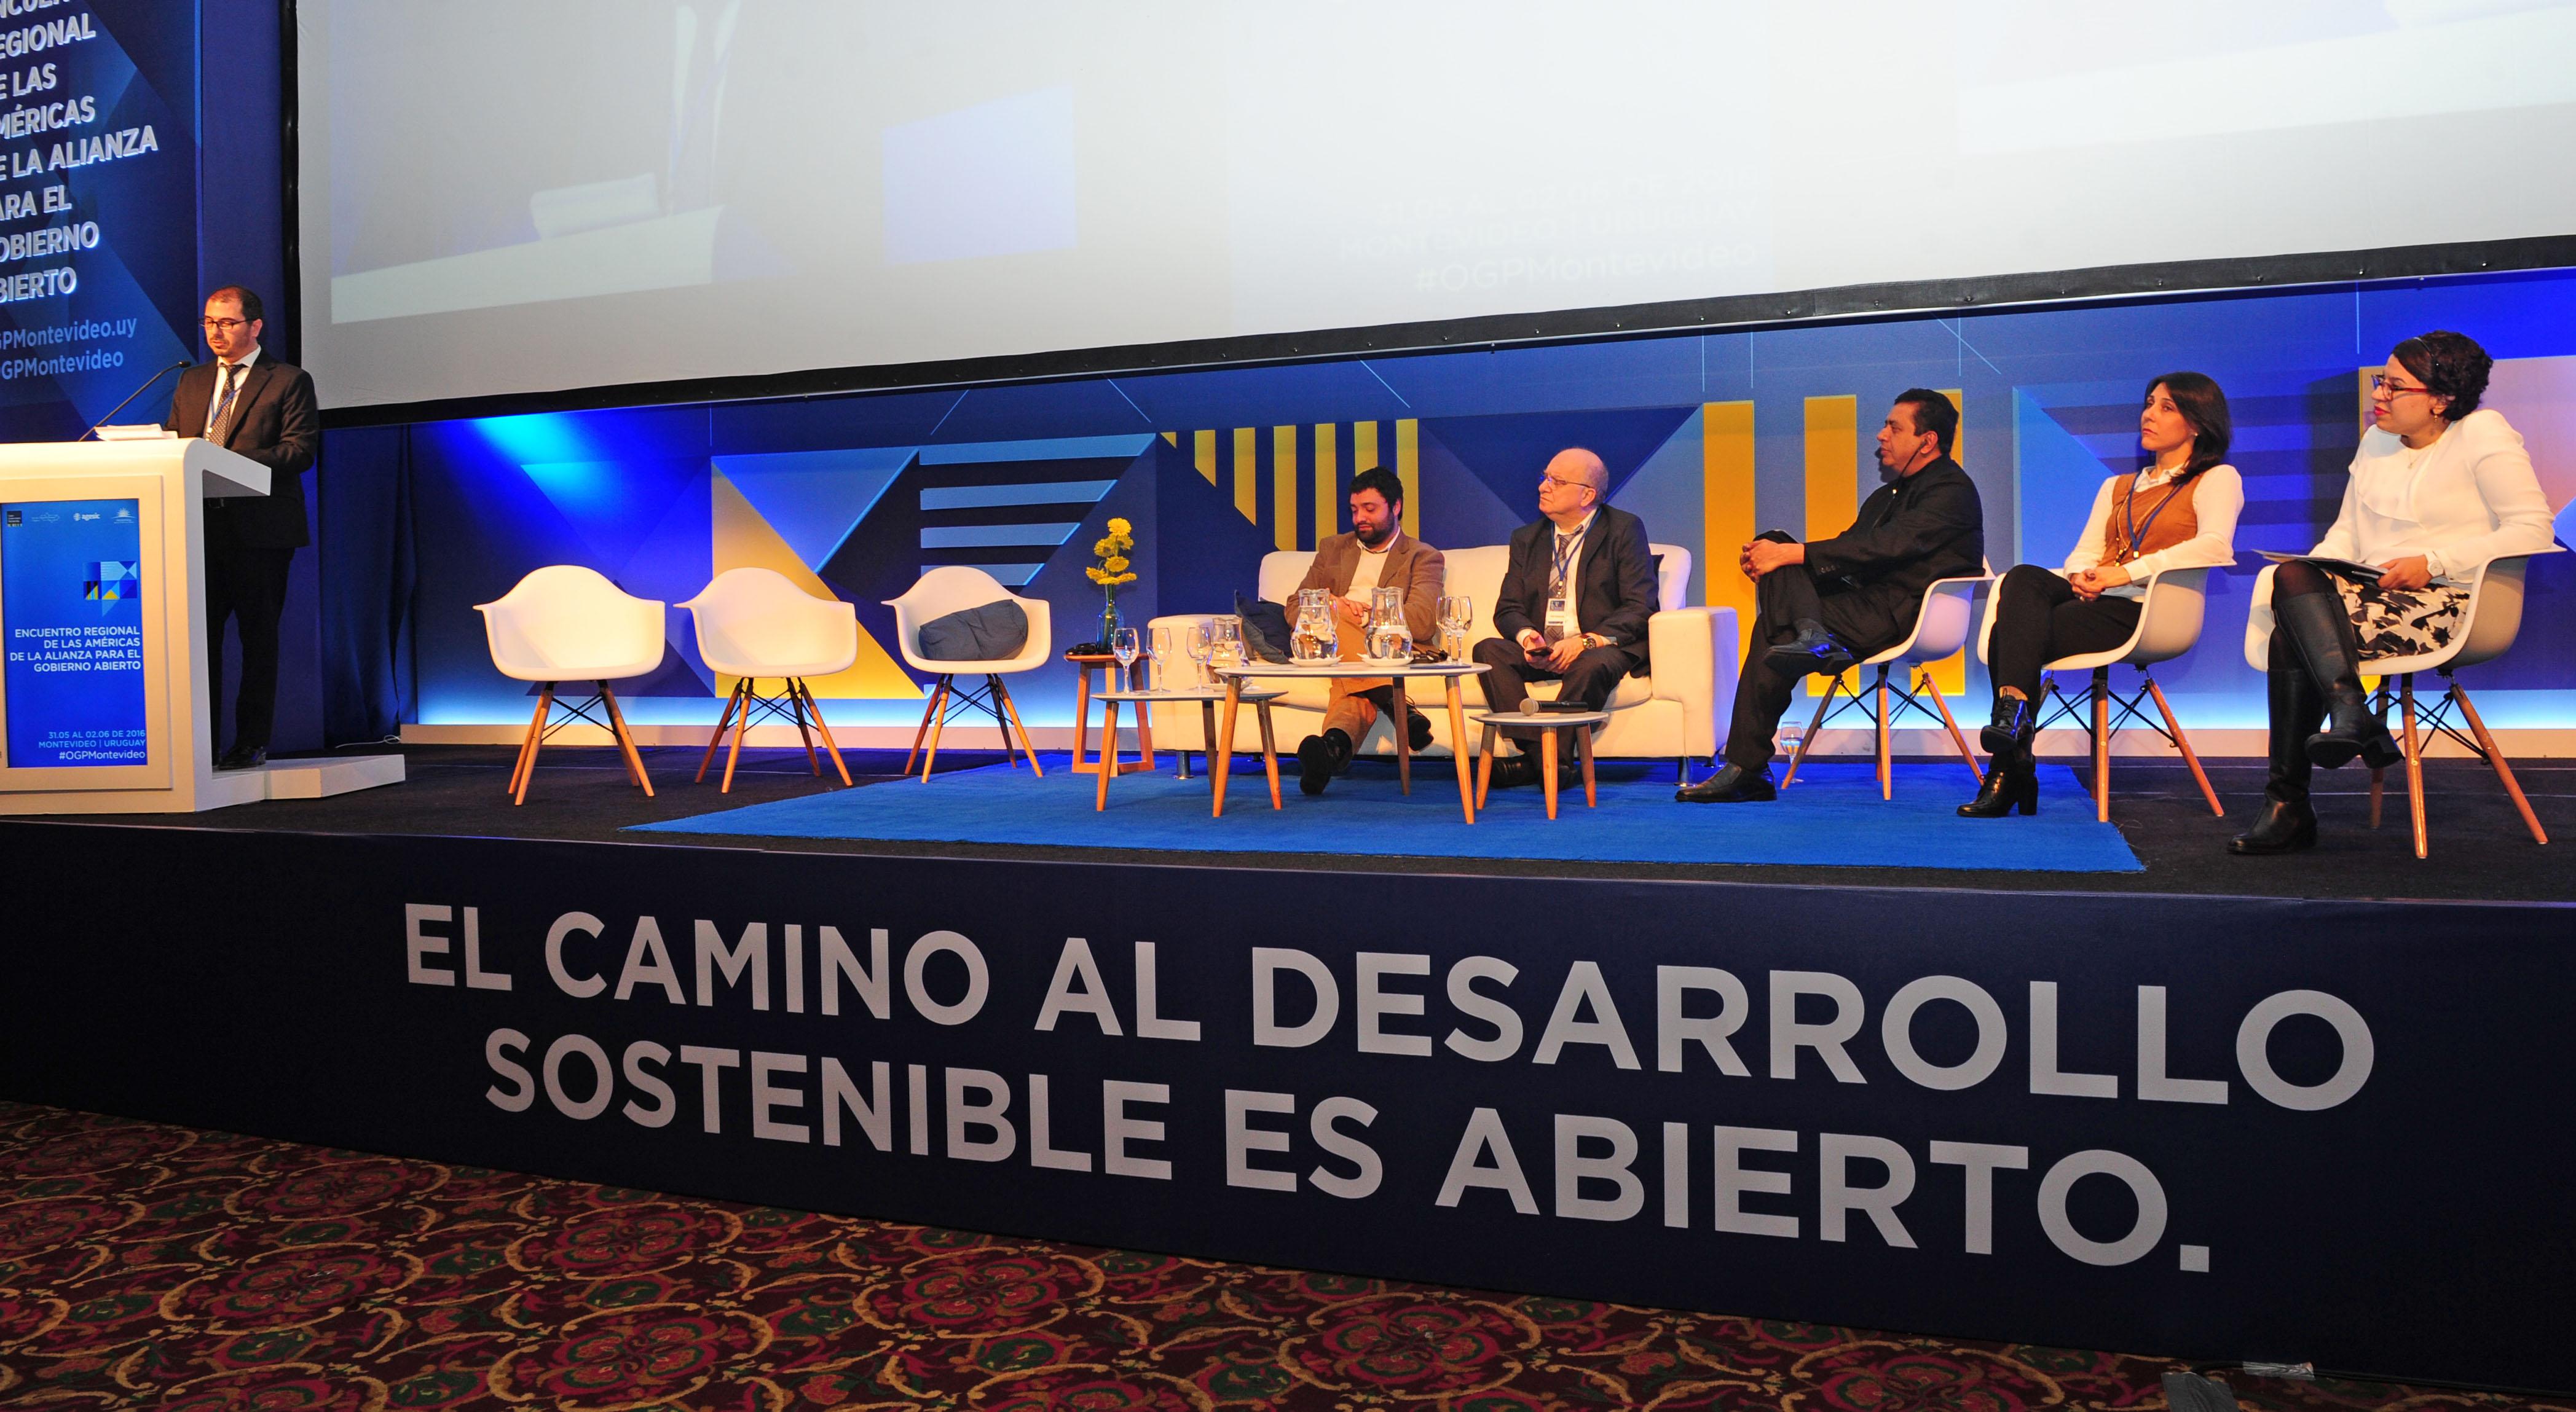 Prosecretario de la Presidencia, Juan Andrés Roballo, dirigiéndose a los presentes